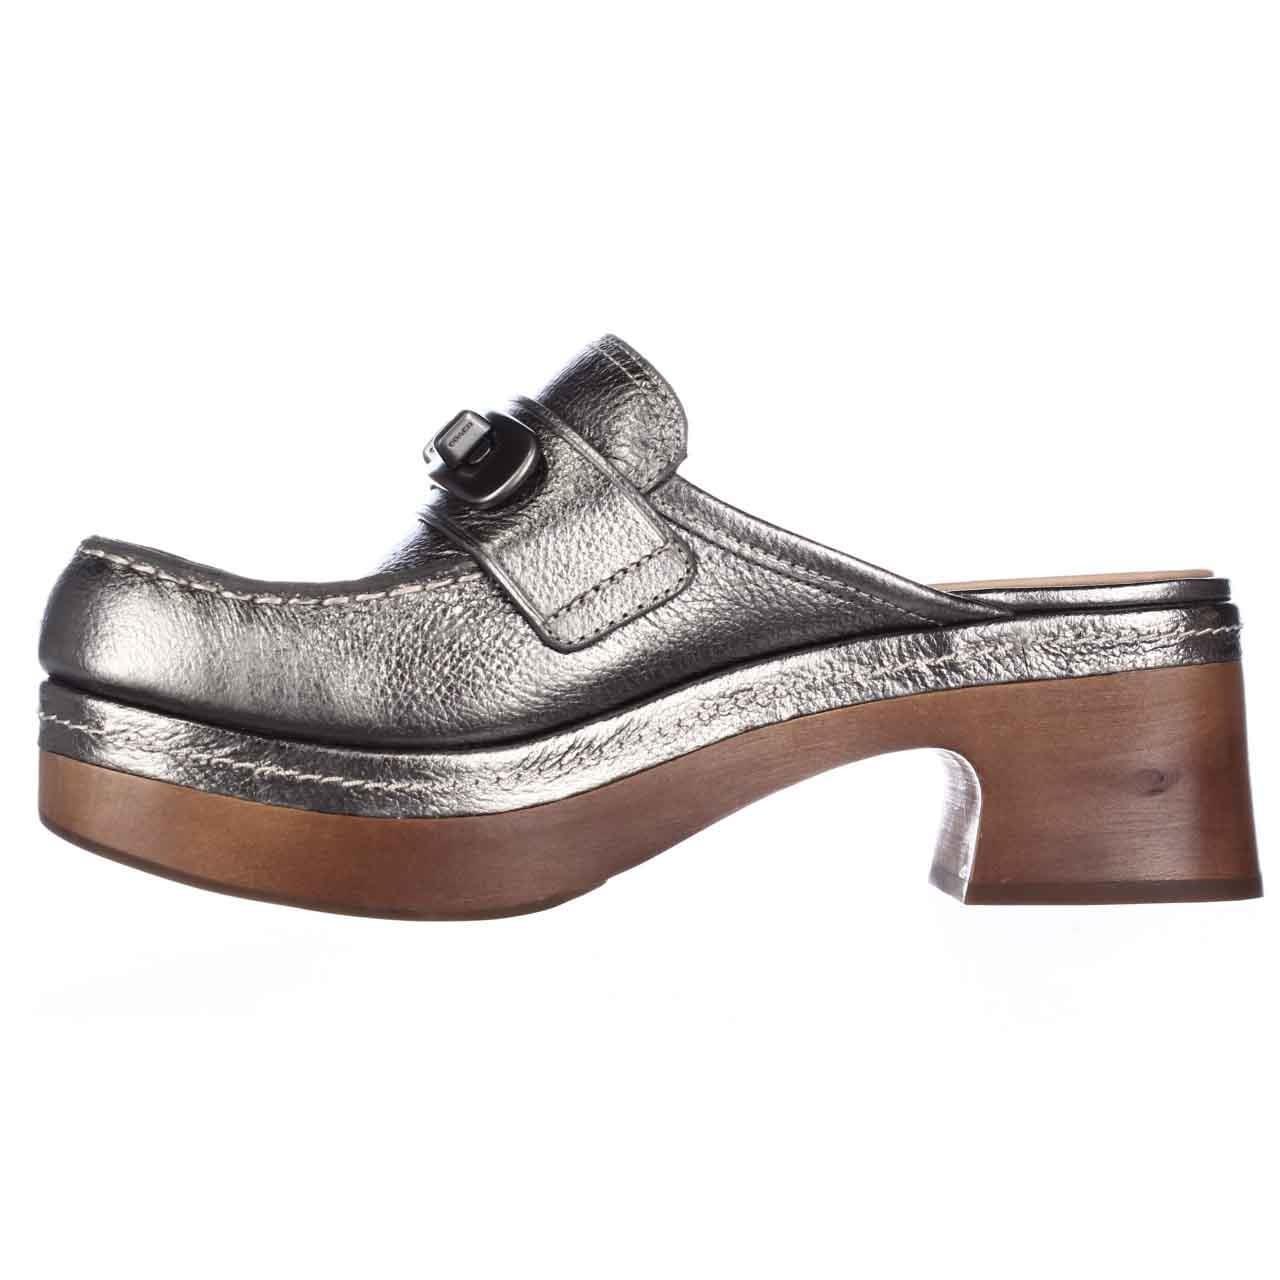 Rita Coach Shoes Uk